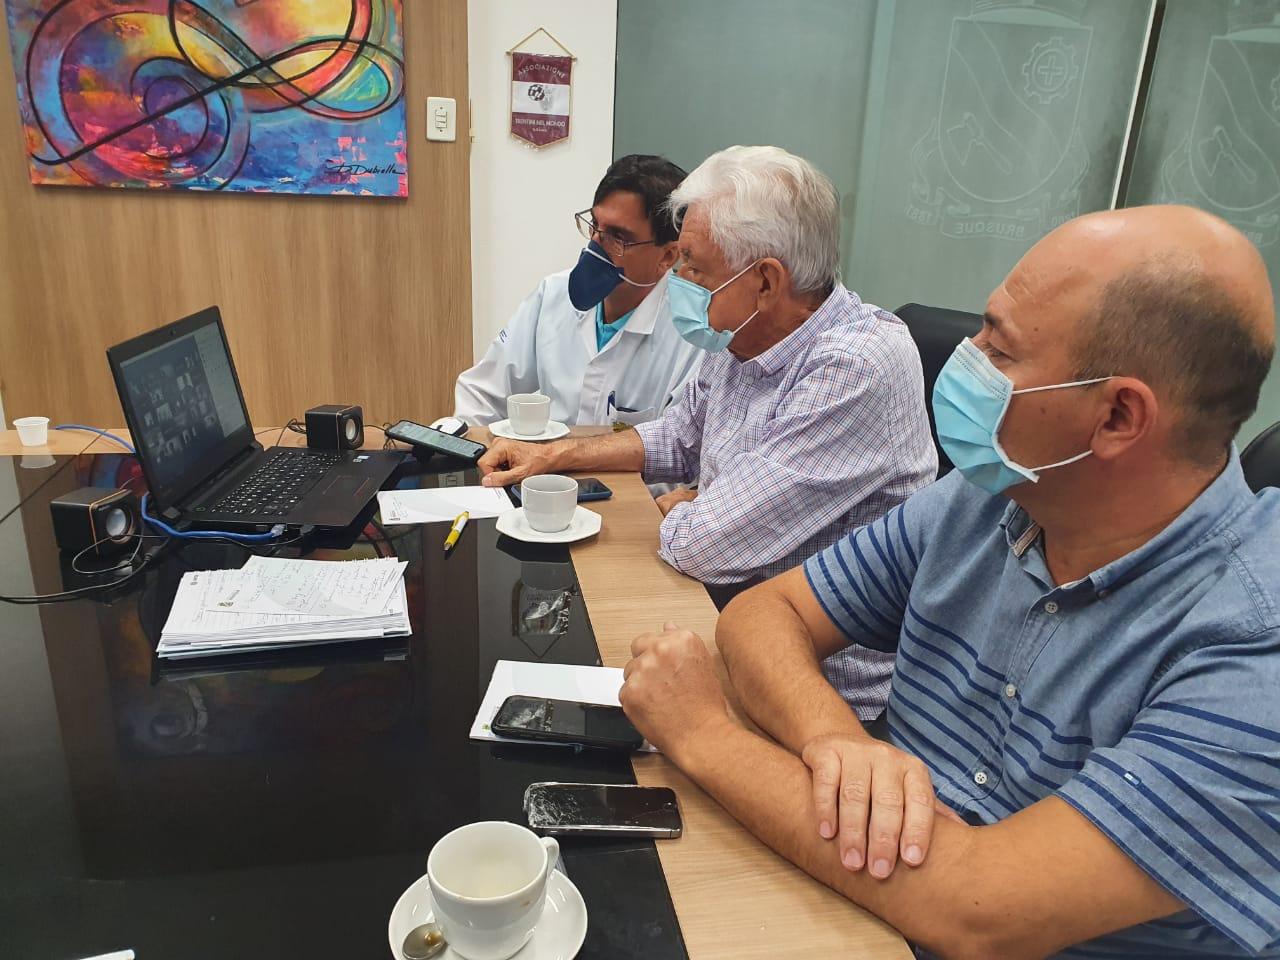 Prefeito de Brusque sugere a reabertura gradual do comércio  com regras específicas para evitar o contágio do coronavírus